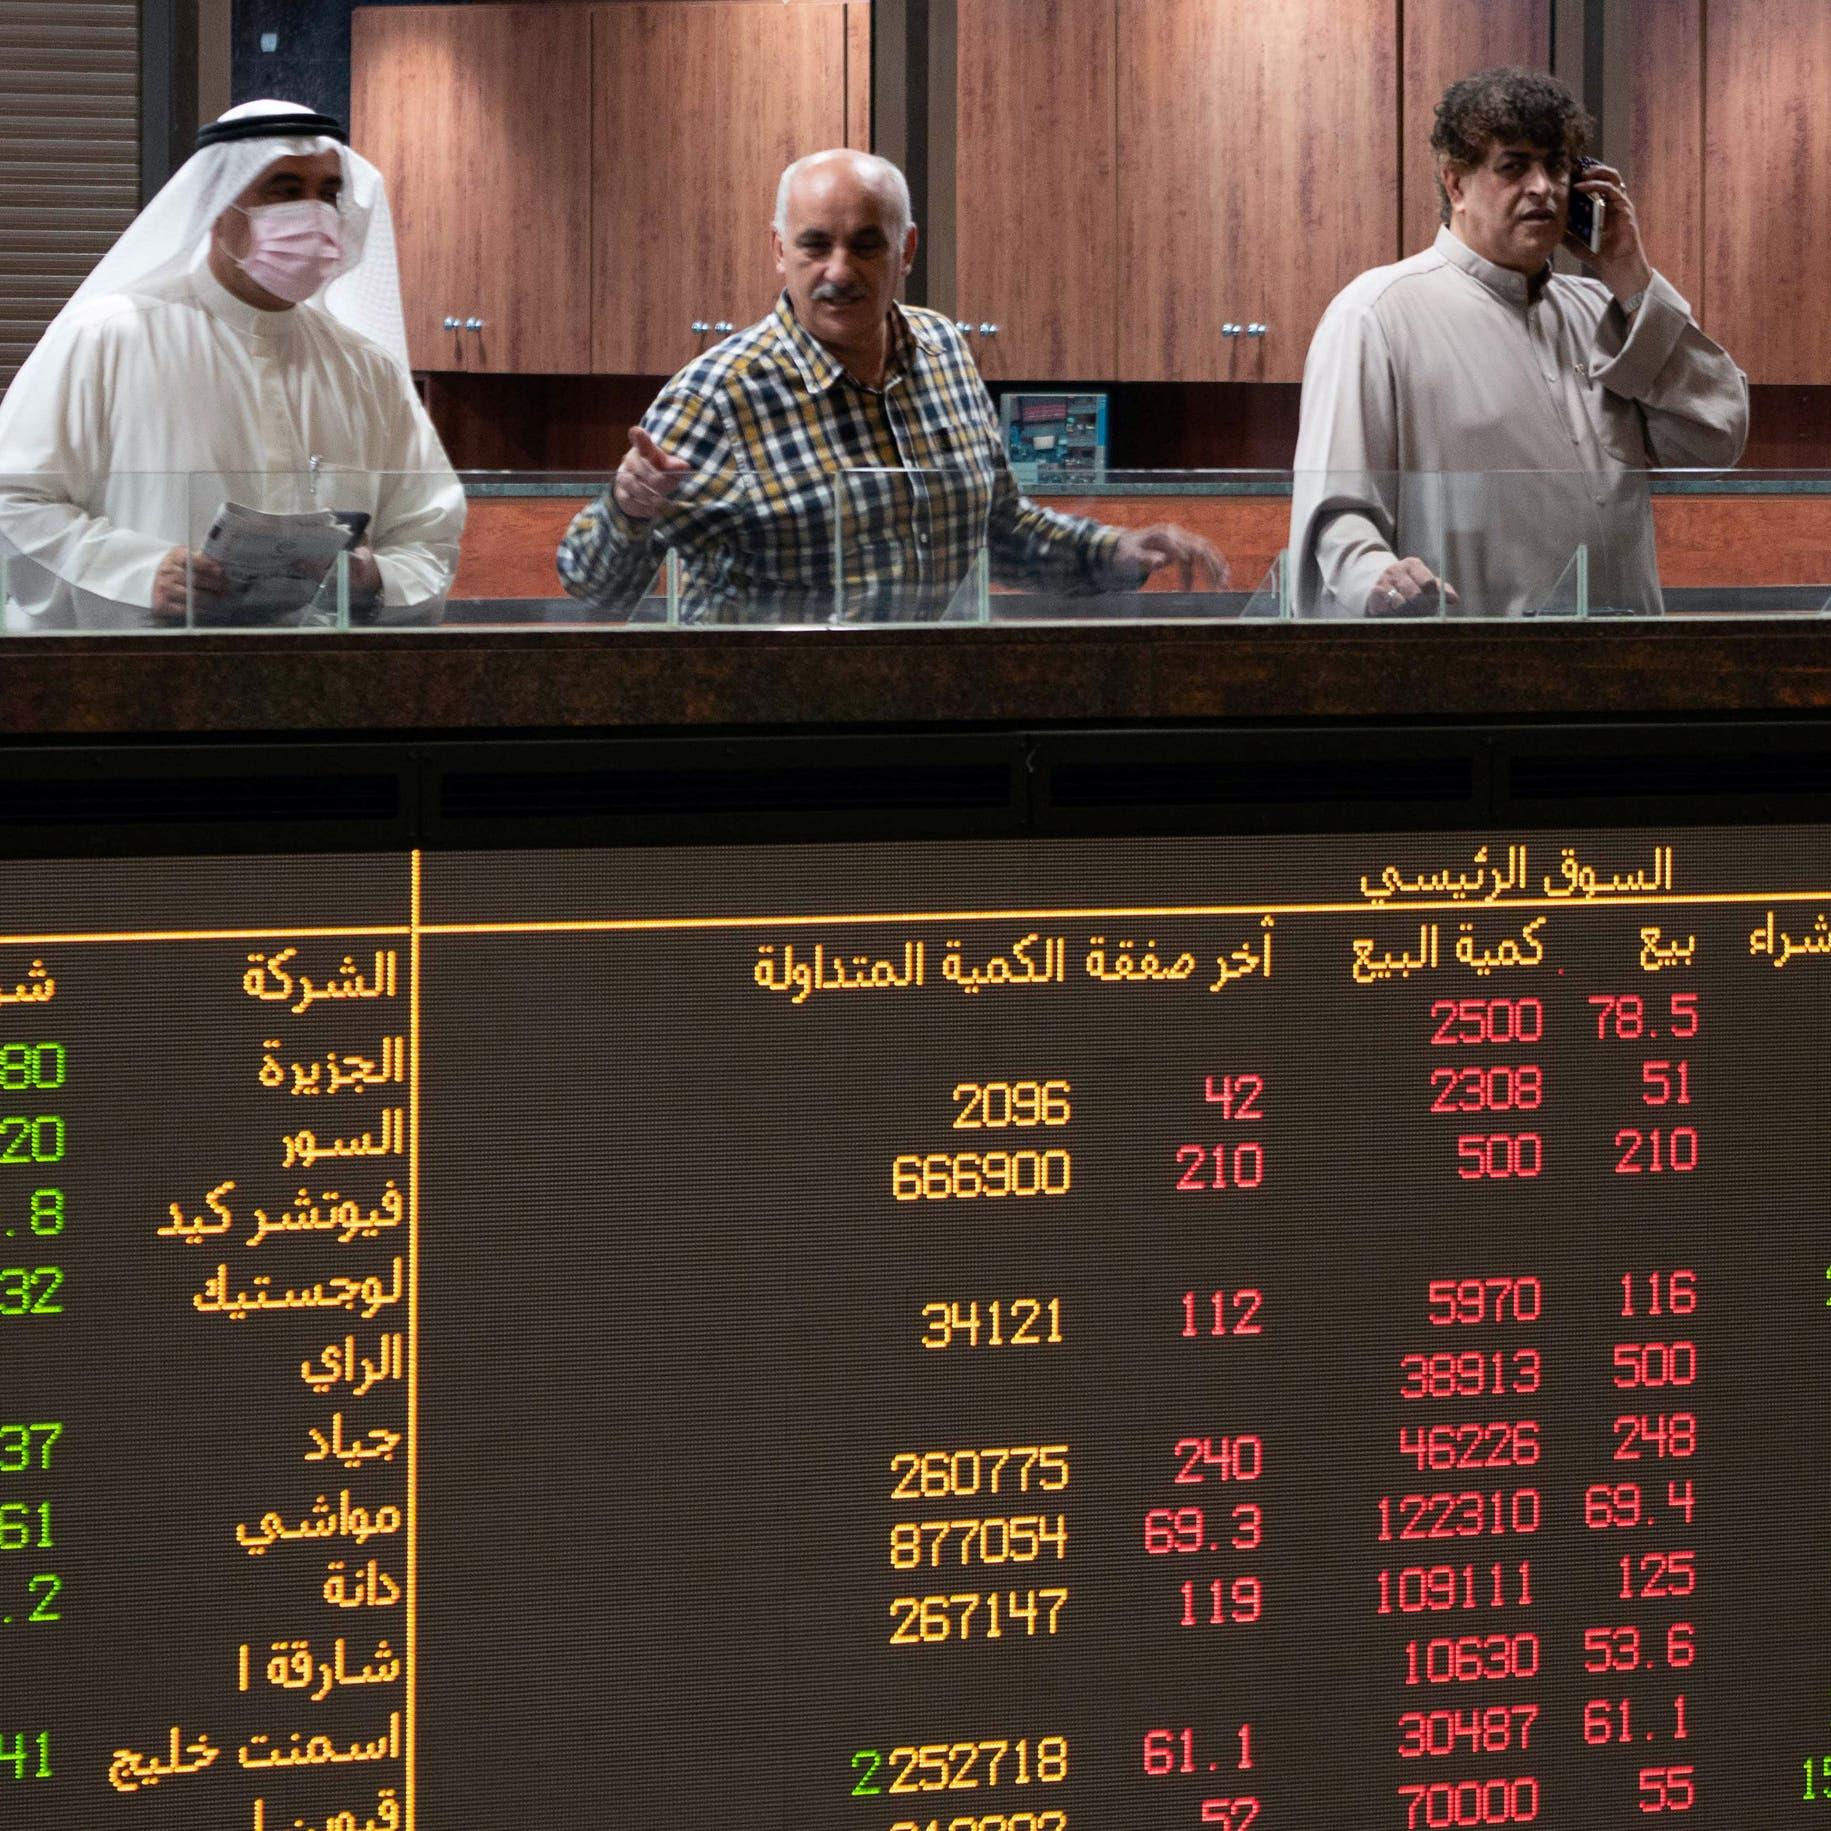 لماذا تماسكت أسواق الخليج الأسبوع الماضي وسط أزمة إيفرغراند؟